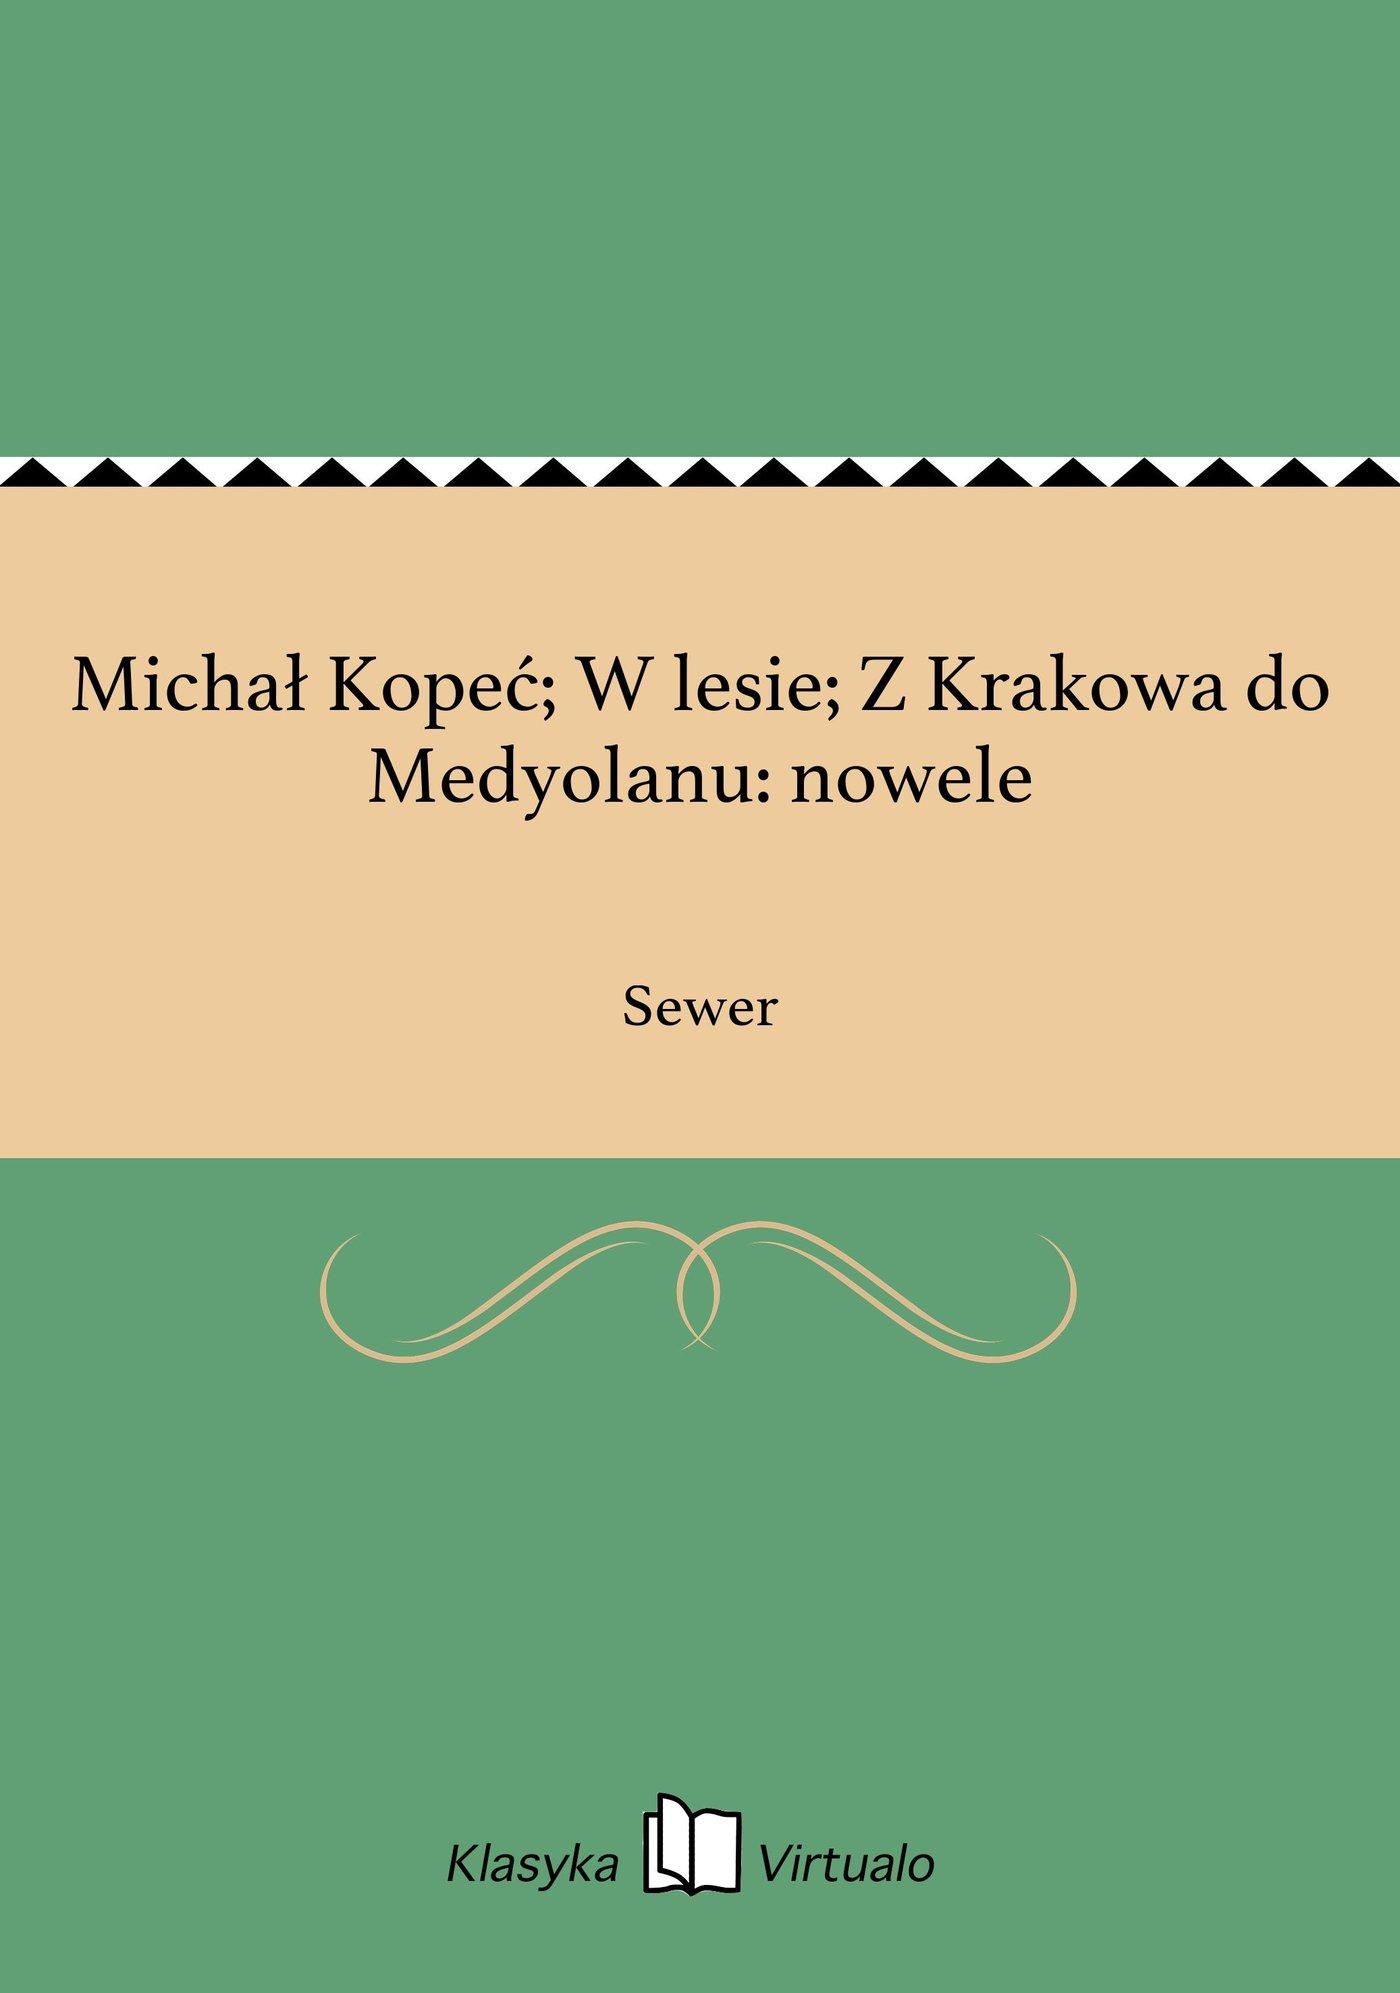 Michał Kopeć; W lesie; Z Krakowa do Medyolanu: nowele - Ebook (Książka EPUB) do pobrania w formacie EPUB